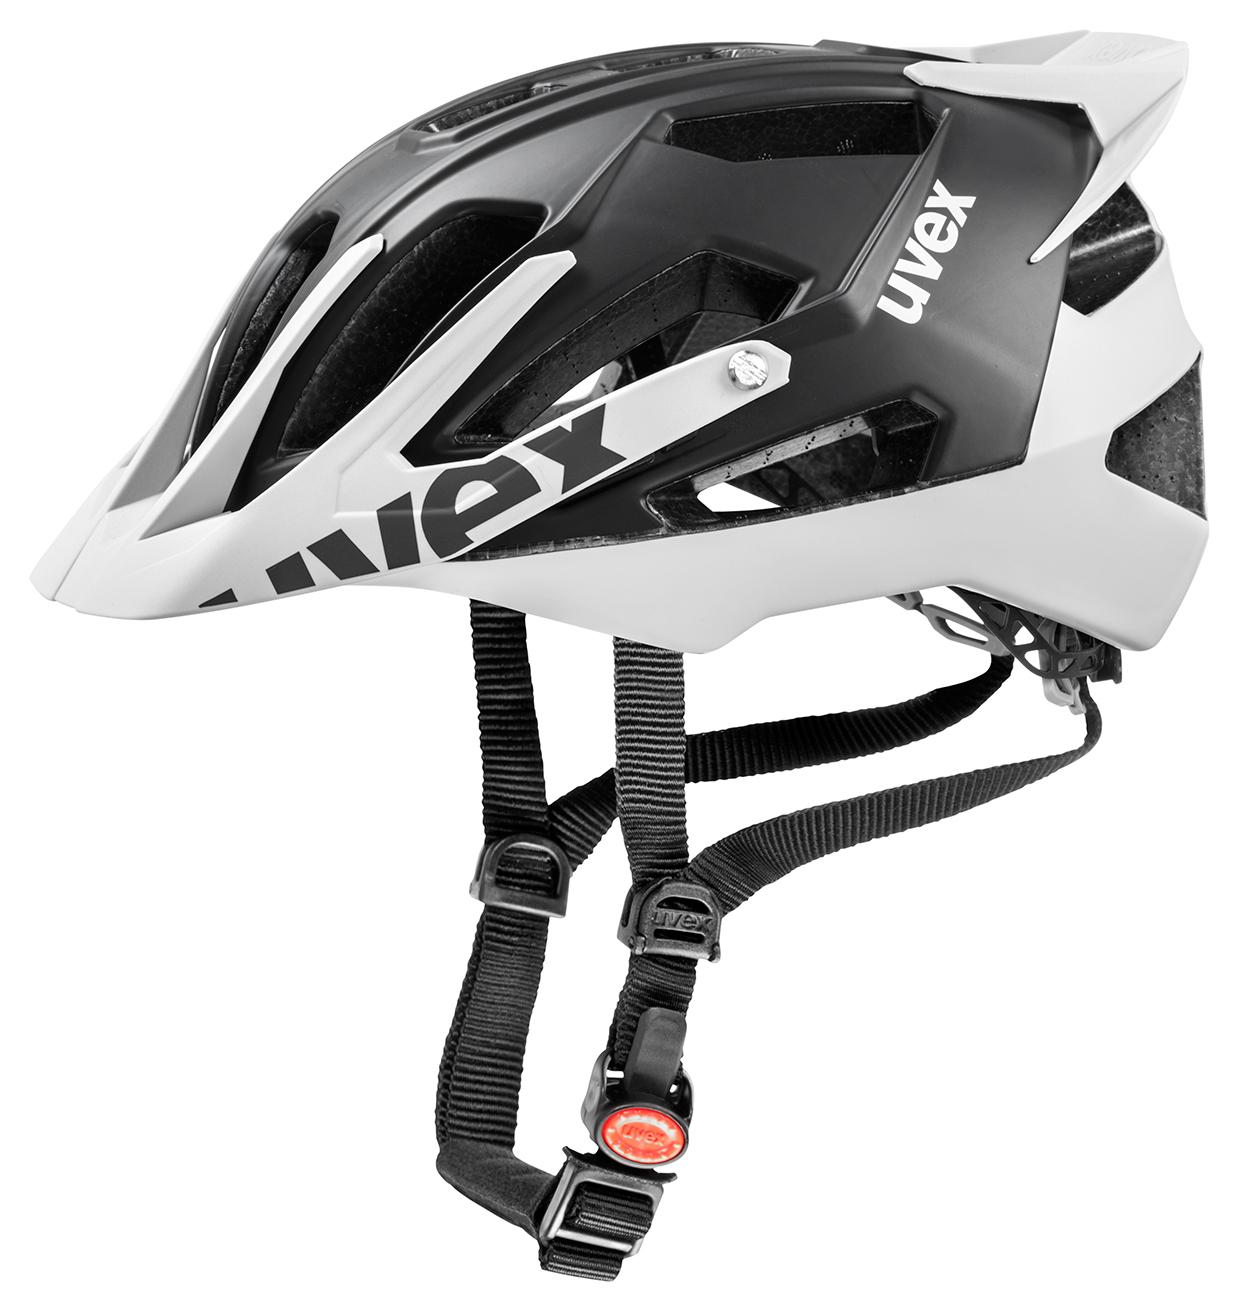 UVEX QUATRO PRO, BLACK-WHITE MAT 2015 53-57 cm